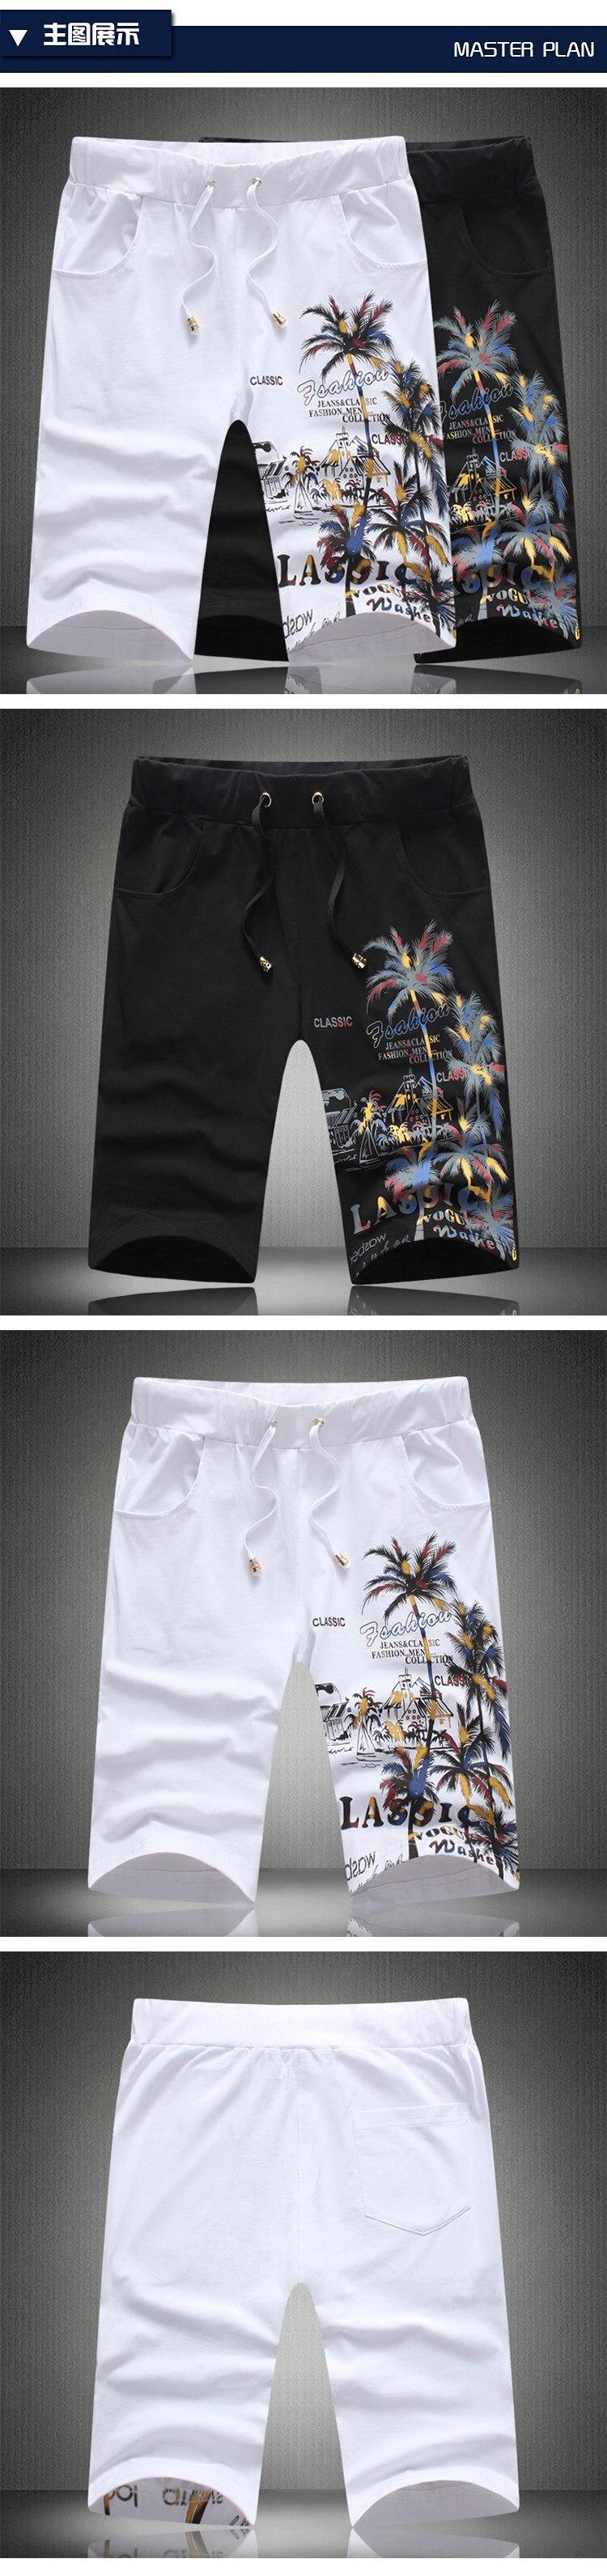 eccfc14feb4 2018 Fashion Summer Short Sets Men Casual Coconut Island Printing Suits For Men  Suit Sets T Shirt +Shorts Pants Plus Size 5XL Shorts SIze